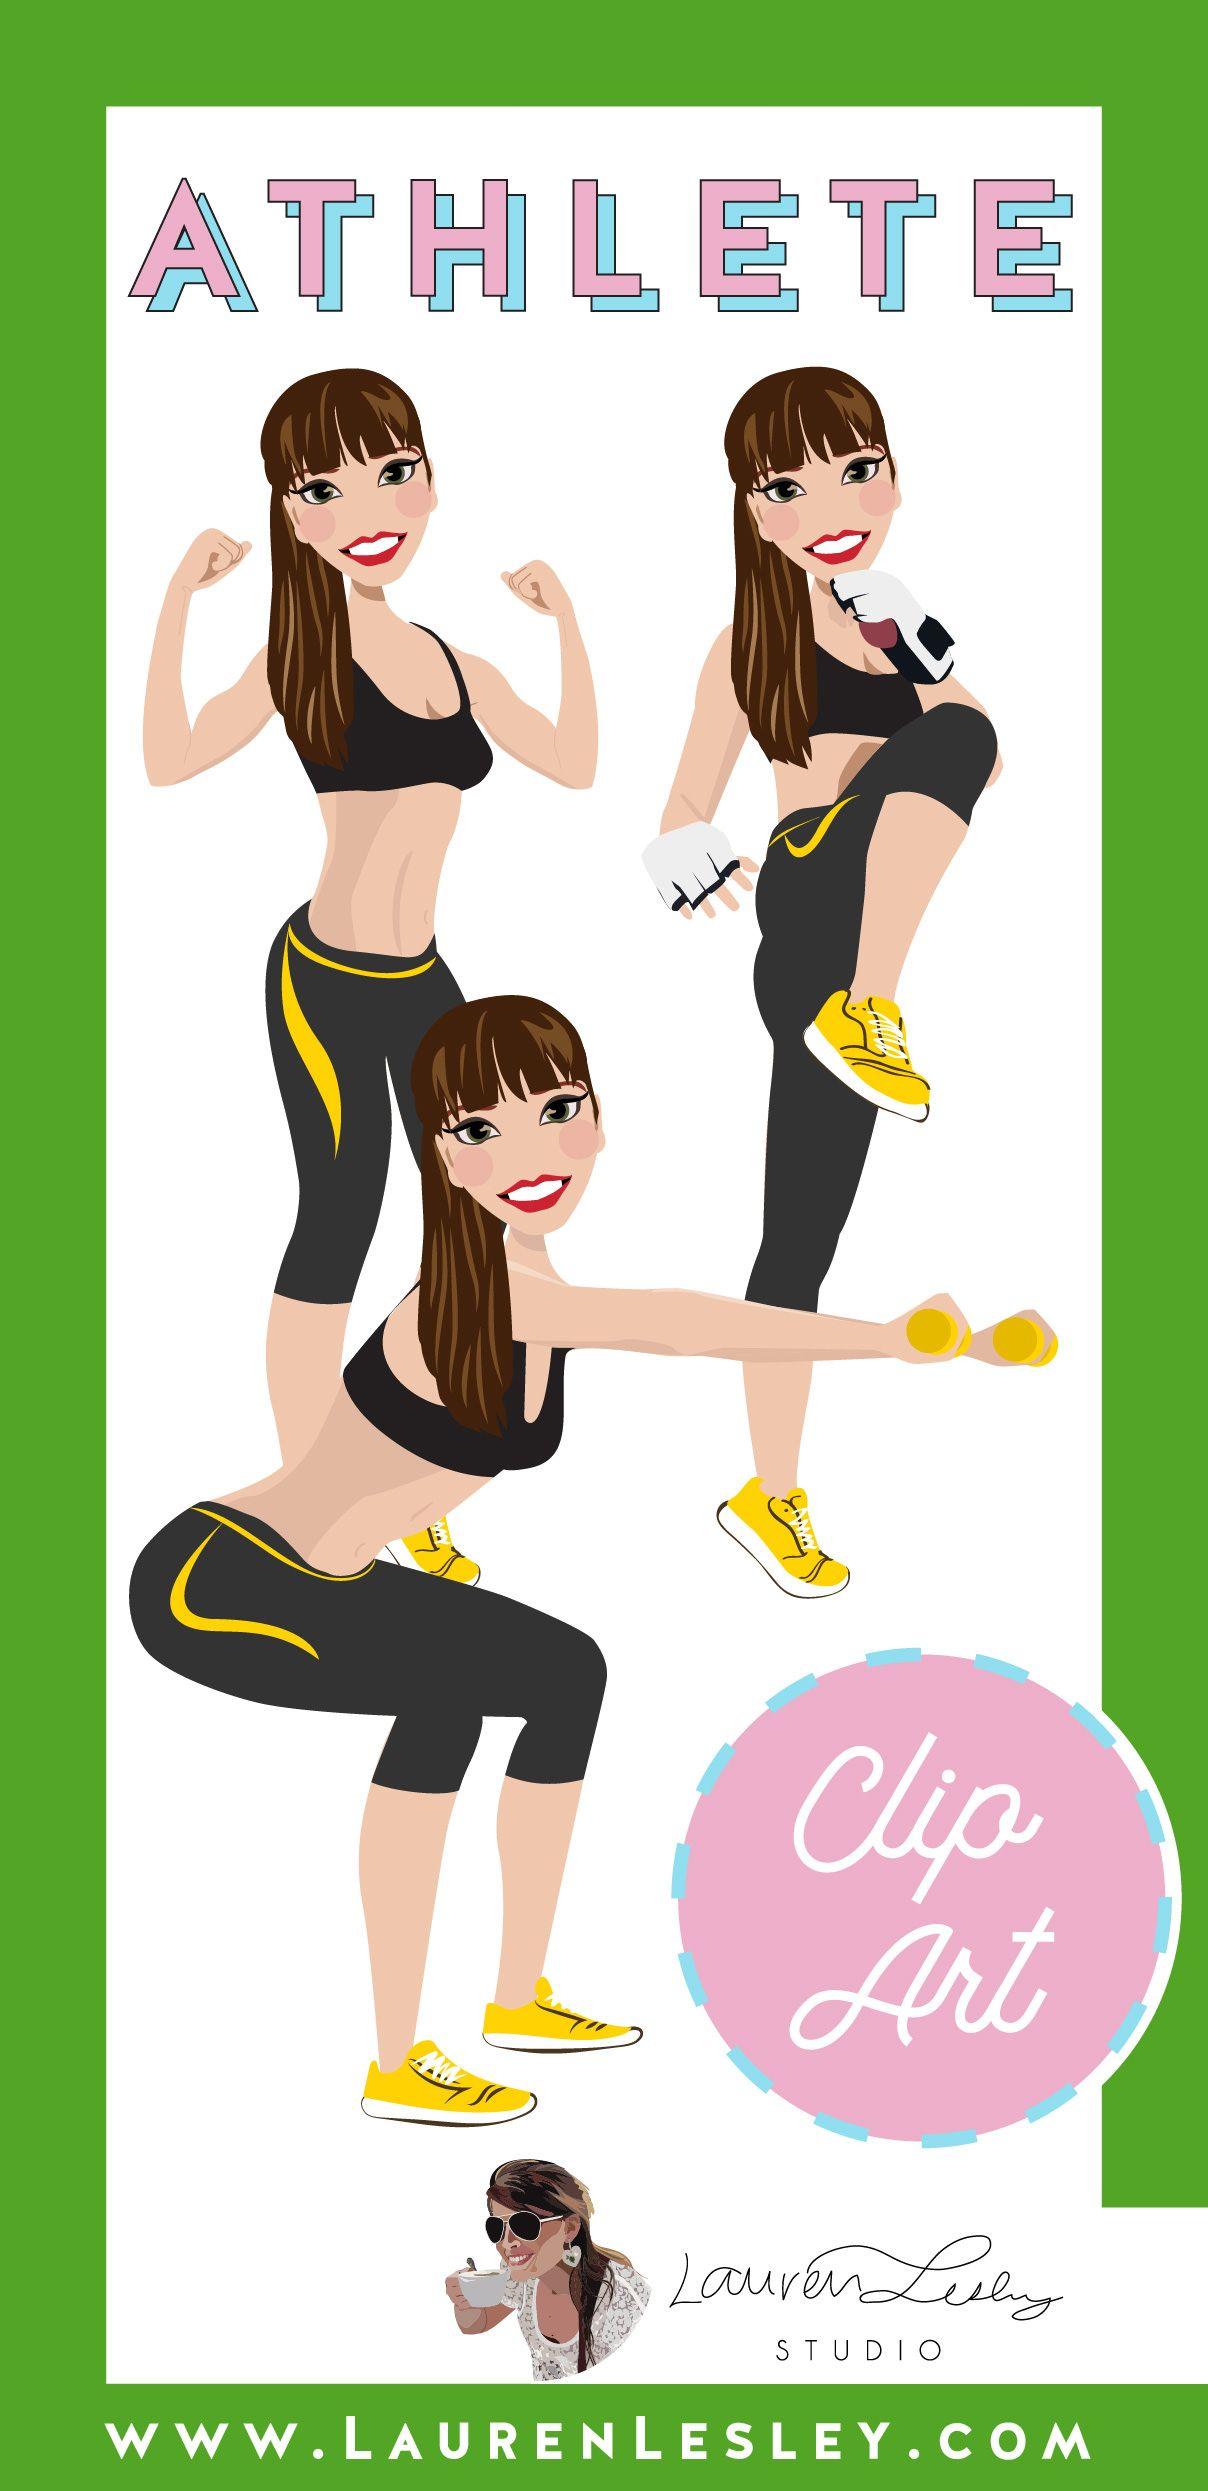 Athlete Clip Art Magnolia Fitness logo design